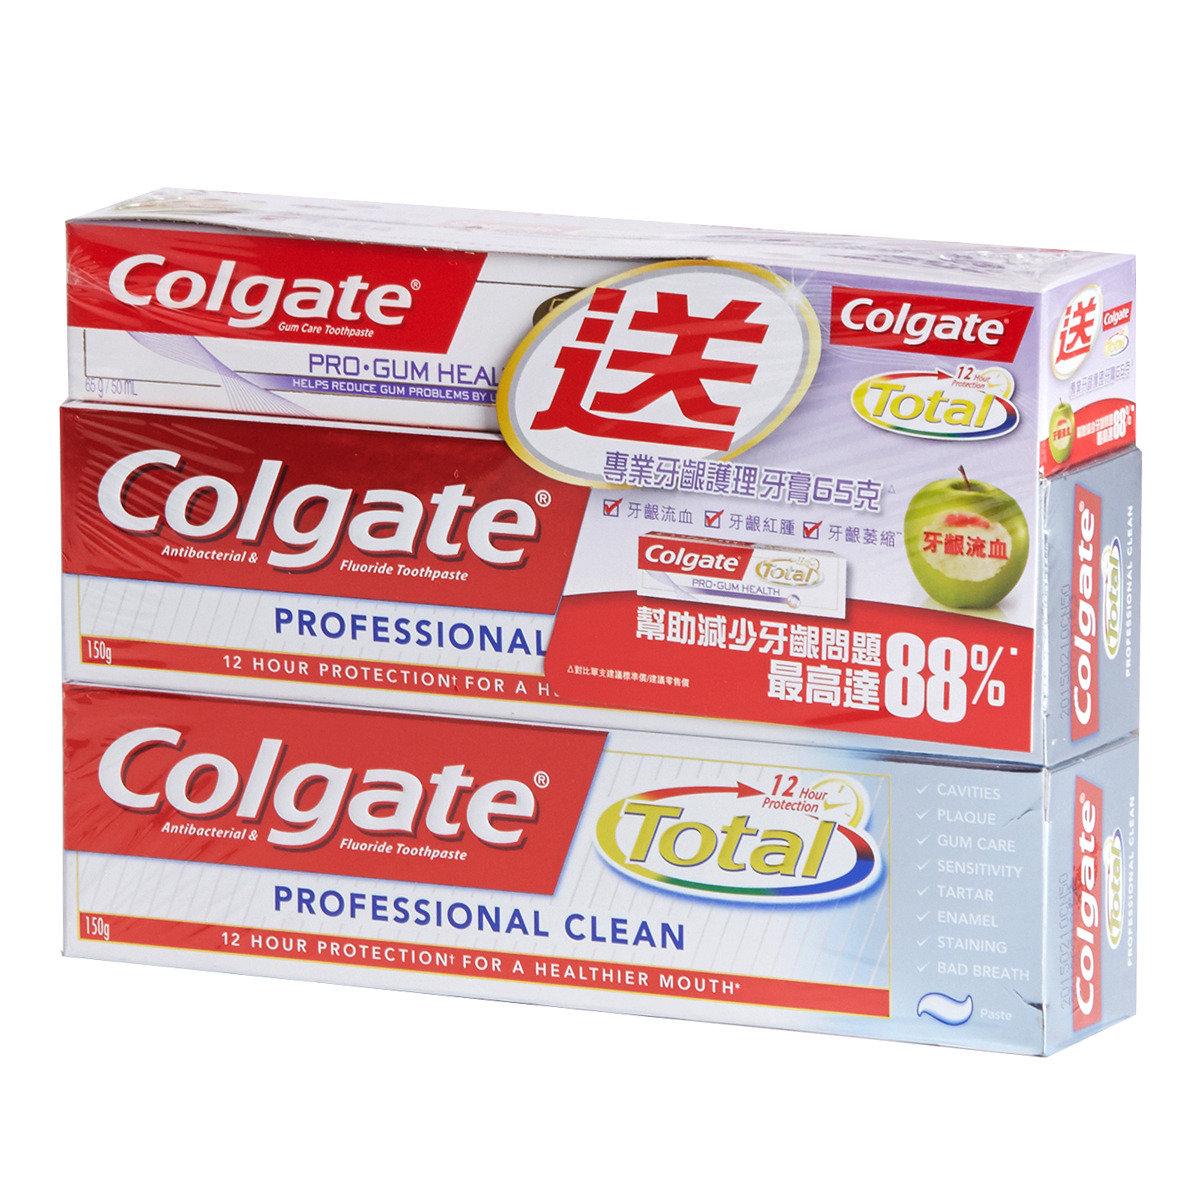 全效專業潔淨(膏狀)牙膏 + 牙齦護理牙膏